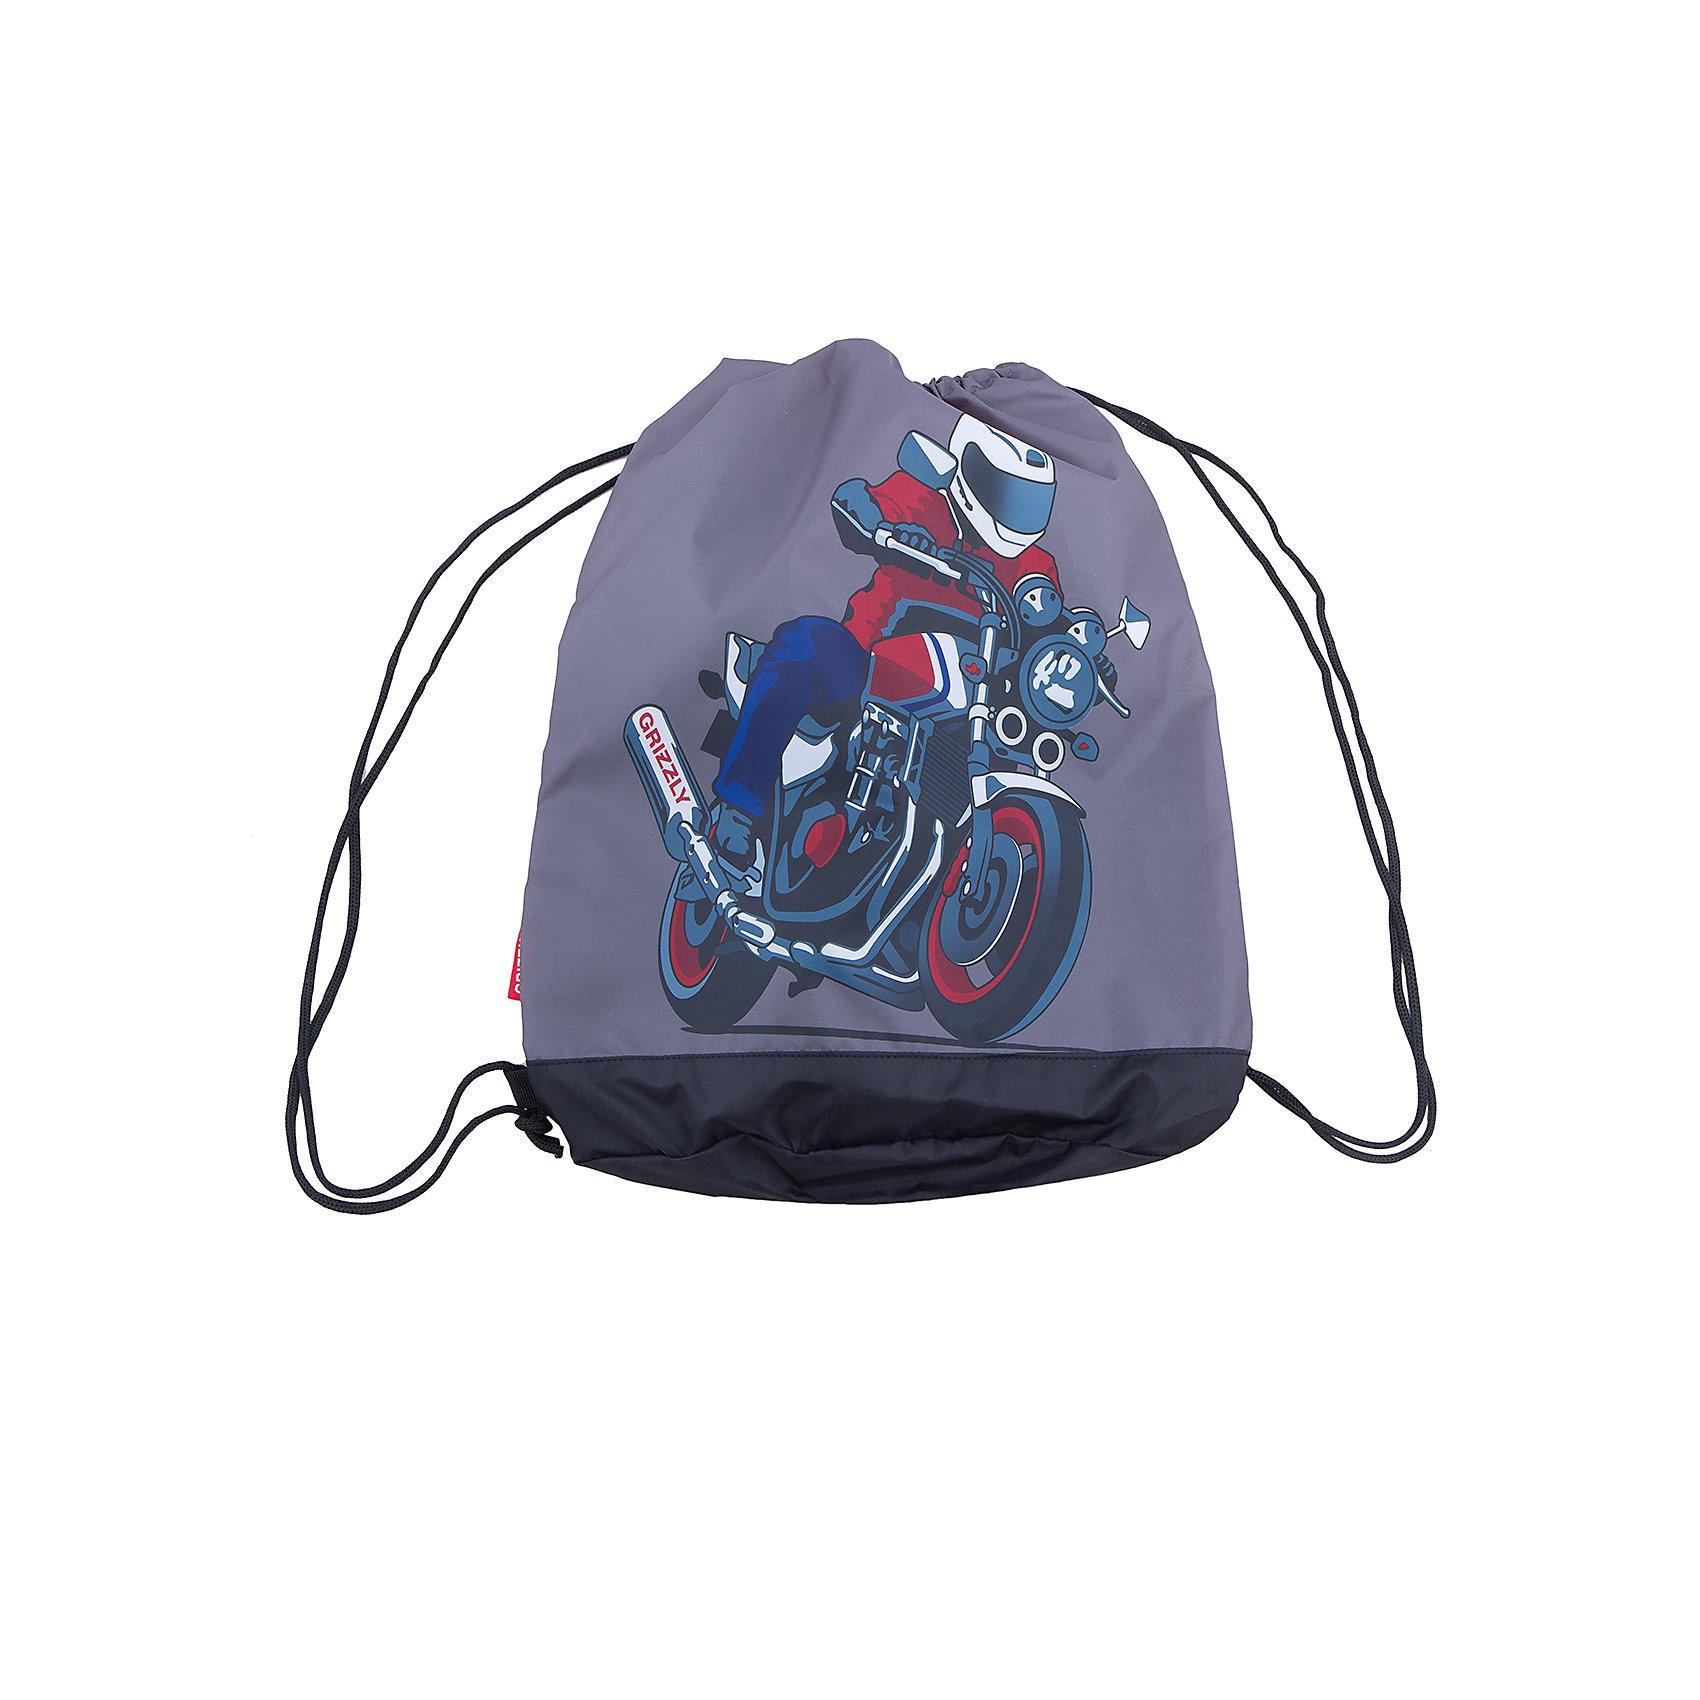 Grizzly мешок для обуви 1 отделениеМешки для обуви<br>Объемный мешок для обуви, одно отделение, боковой карман на молнии, дополнительная ручка-петля, лямки из шнура.<br>Вес, г: 210<br>Размер, см: 38х50х11<br>Состав: оксфорд 240Д, нейлон 420Д<br>Наличие светоотражающих элементов:  нет<br>Материал: оксфорд 240Д, нейлон 420Д<br>Спина:  нет<br>Наличие дополнительных карманов внутри:  да<br>Дно выбрать:  Мягкое<br>Количество отделений внутри:  1<br>Боковые карманы: да<br>Замок:  Молния<br>Вмещает А4:  да<br><br>Ширина мм: 380<br>Глубина мм: 110<br>Высота мм: 500<br>Вес г: 10<br>Возраст от месяцев: 72<br>Возраст до месяцев: 120<br>Пол: Мужской<br>Возраст: Детский<br>SKU: 6727444